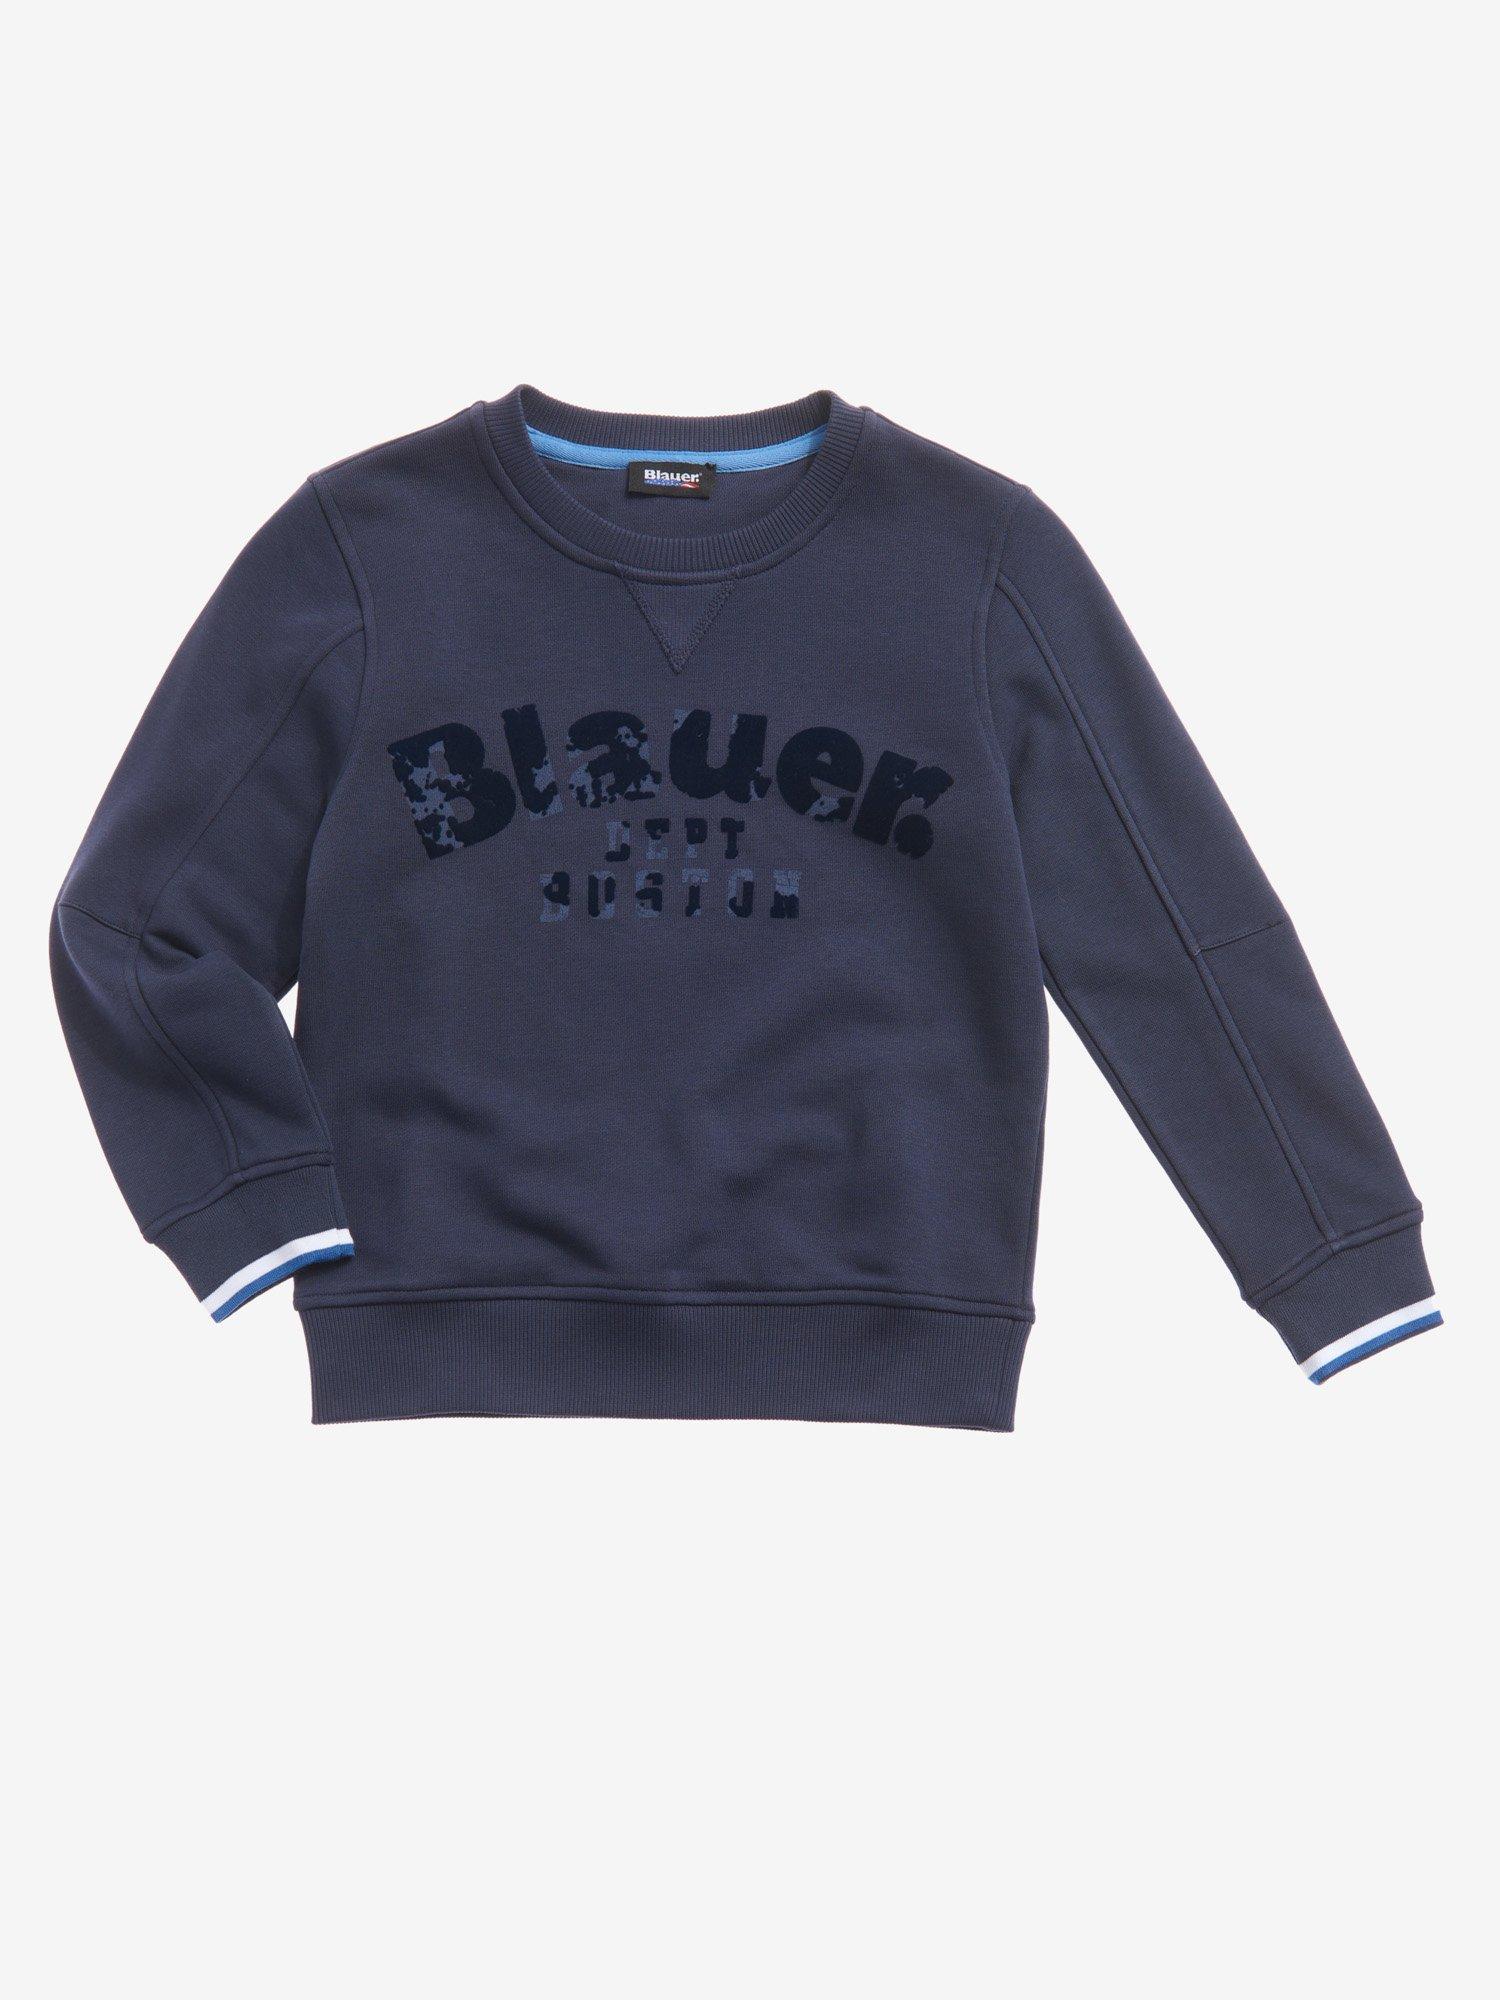 Blauer - FELPA BAMBINO GIROCOLLO - Zaffiro Scuro - Blauer